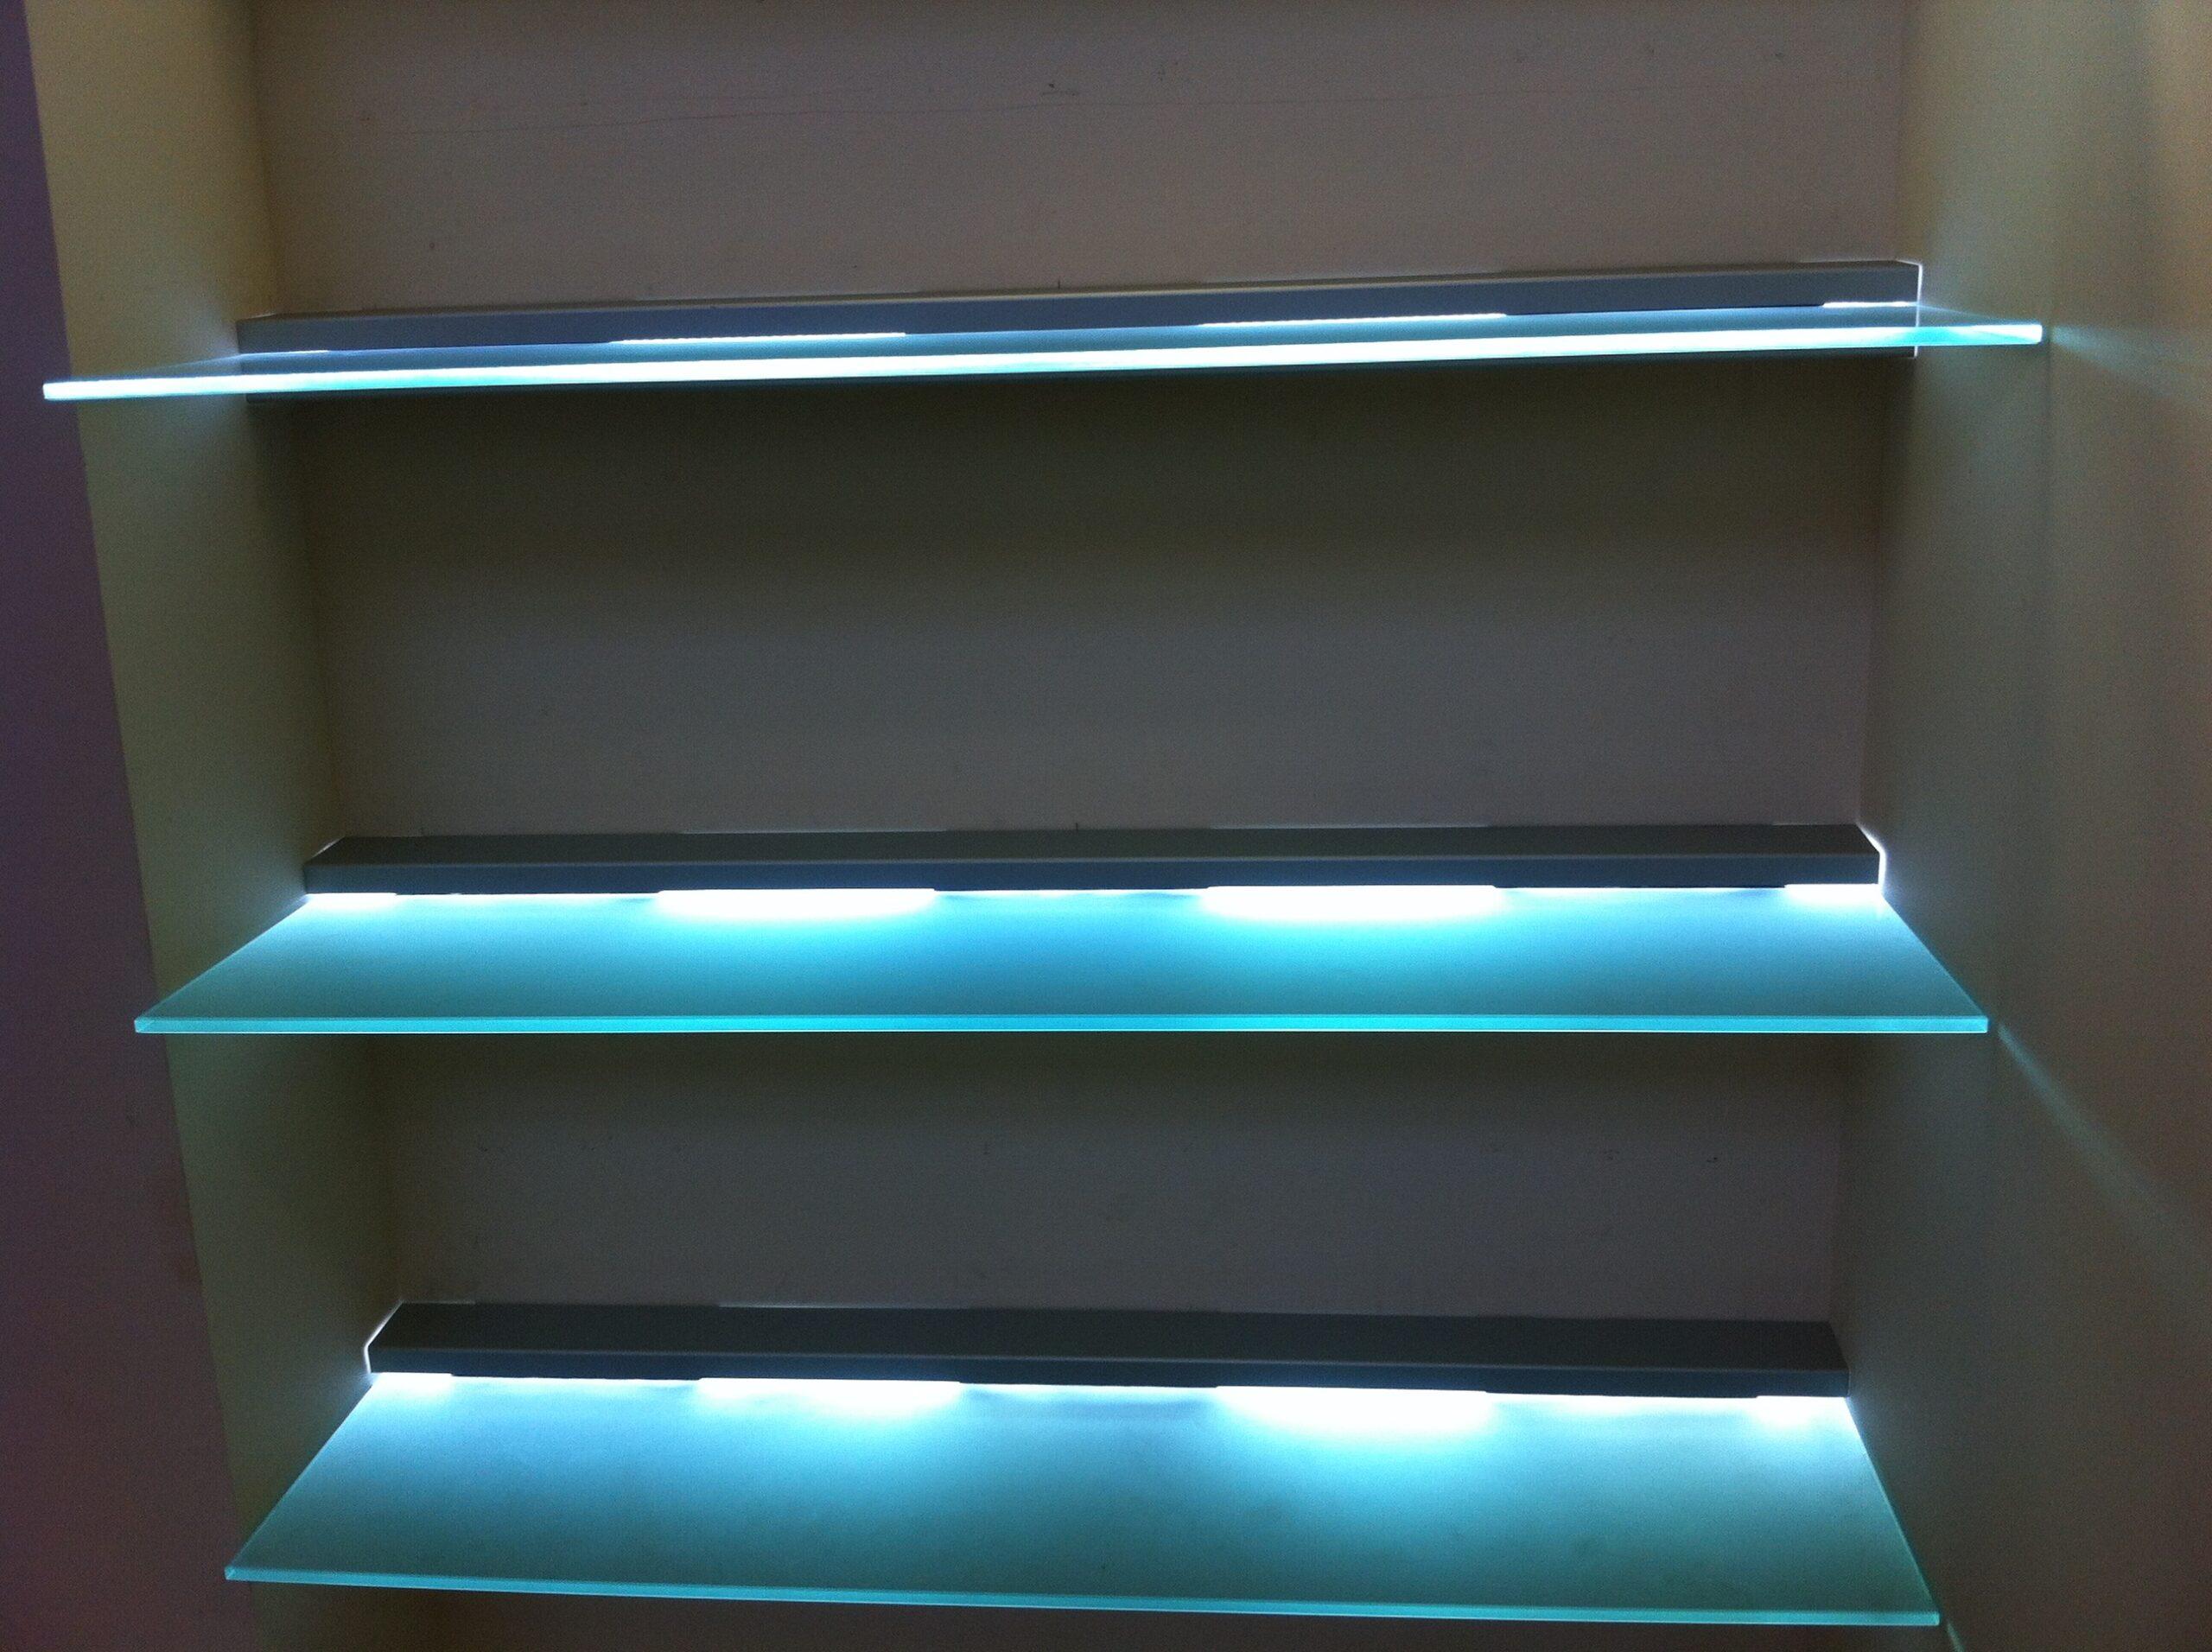 стеклянные полки в шкафу